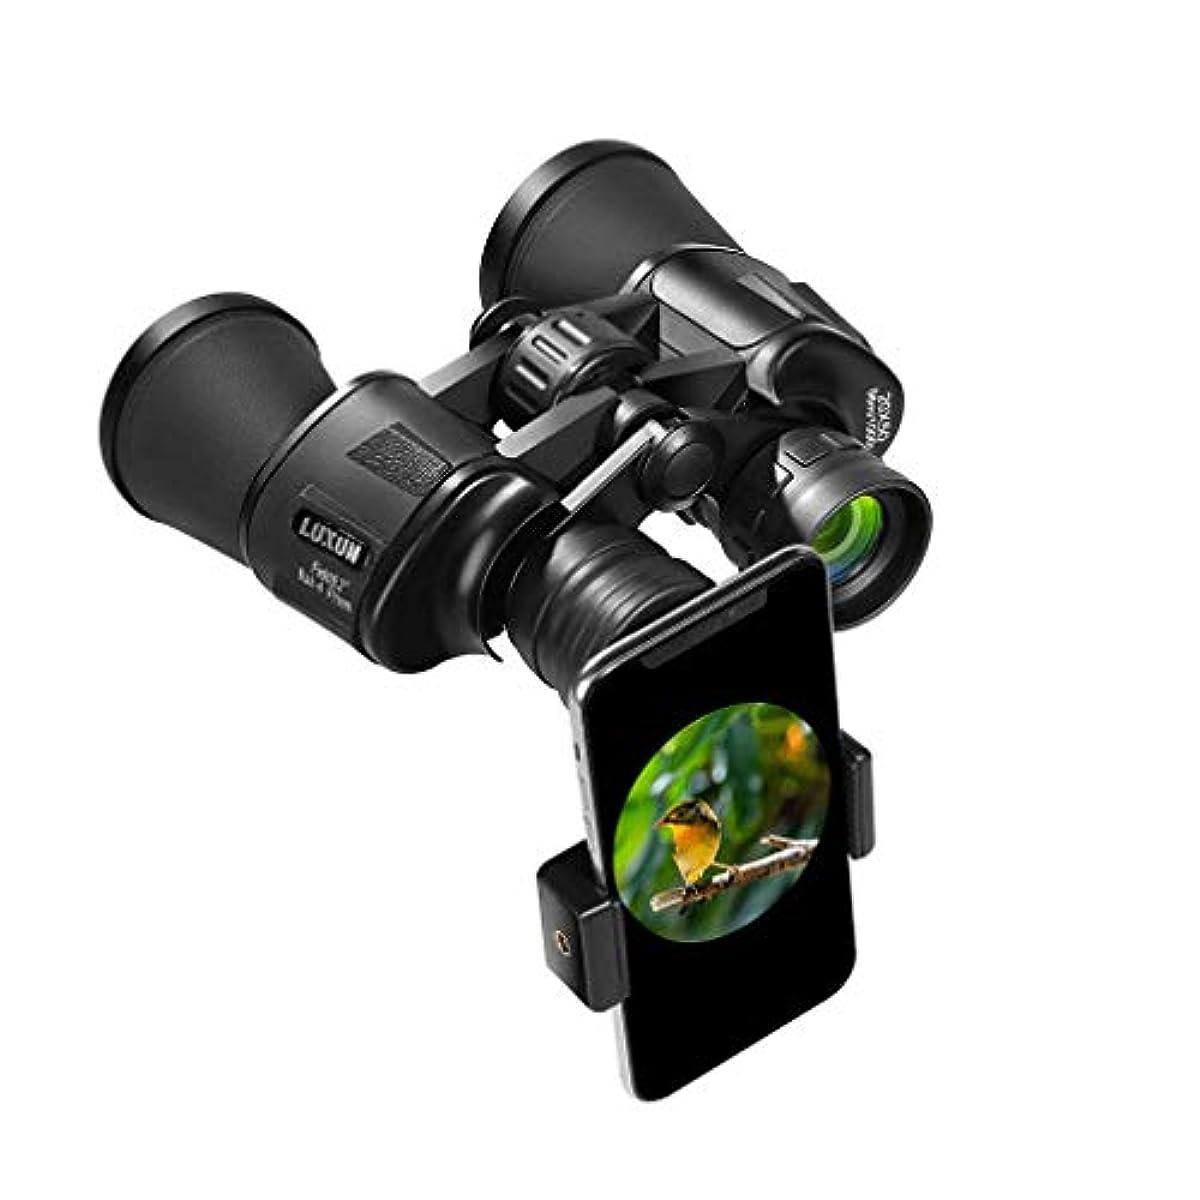 [해외] 쌍안경 콘서트 20배 오름 배율 망원경 20X50 BAK-4포 리듬 방수 암시 접는 스트랩 부착 콤팩트 아웃도어 운동회 버드워칭 수렵 캠프 여행2019 새롭다 20X50